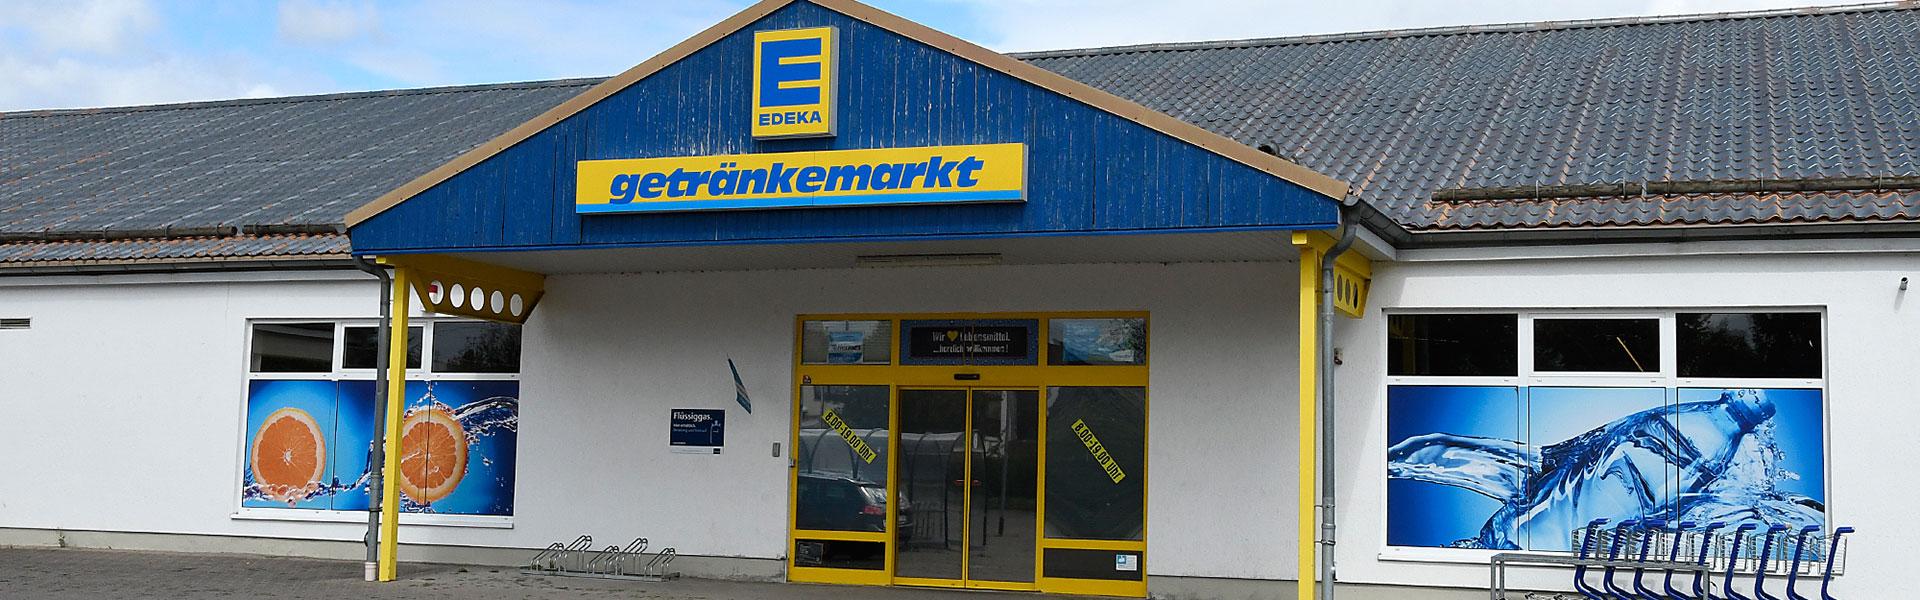 EDEKA Getränkemarkt in Oberdorla